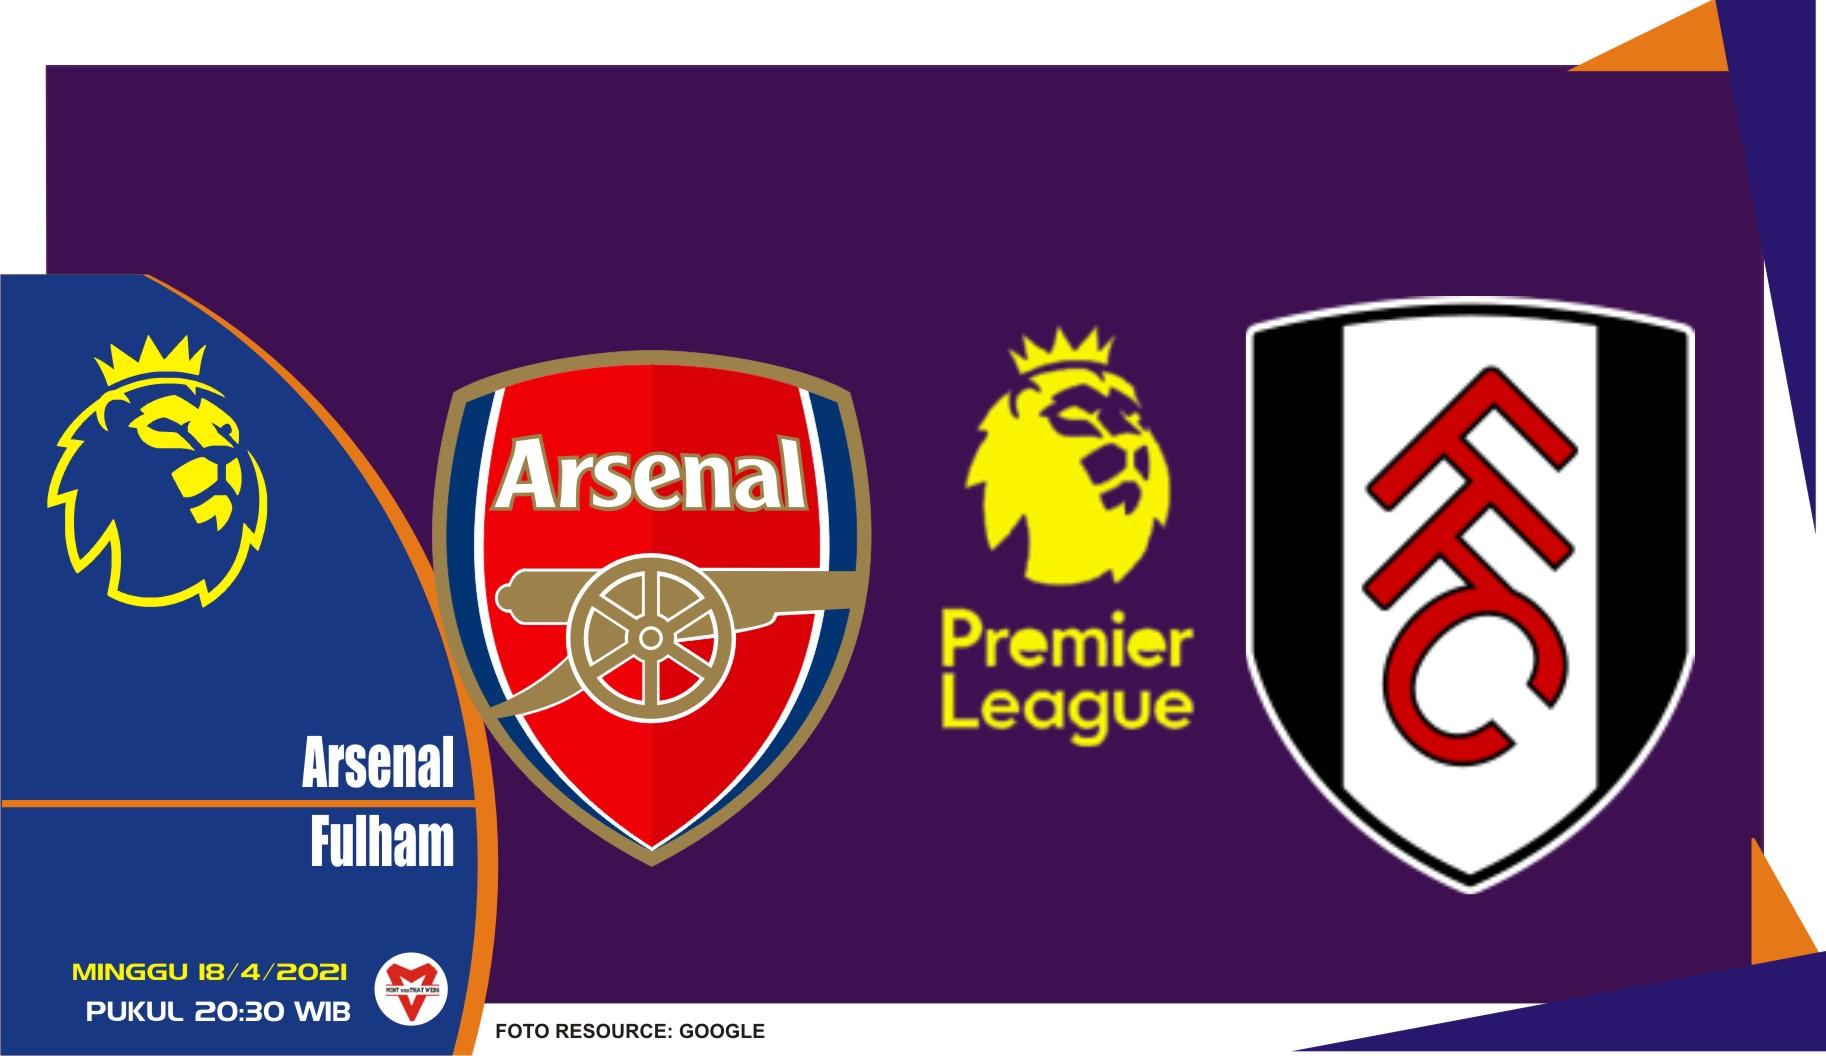 Prediksi Liga Spanyol: Arsenal vs Fulham - 18 April 2021